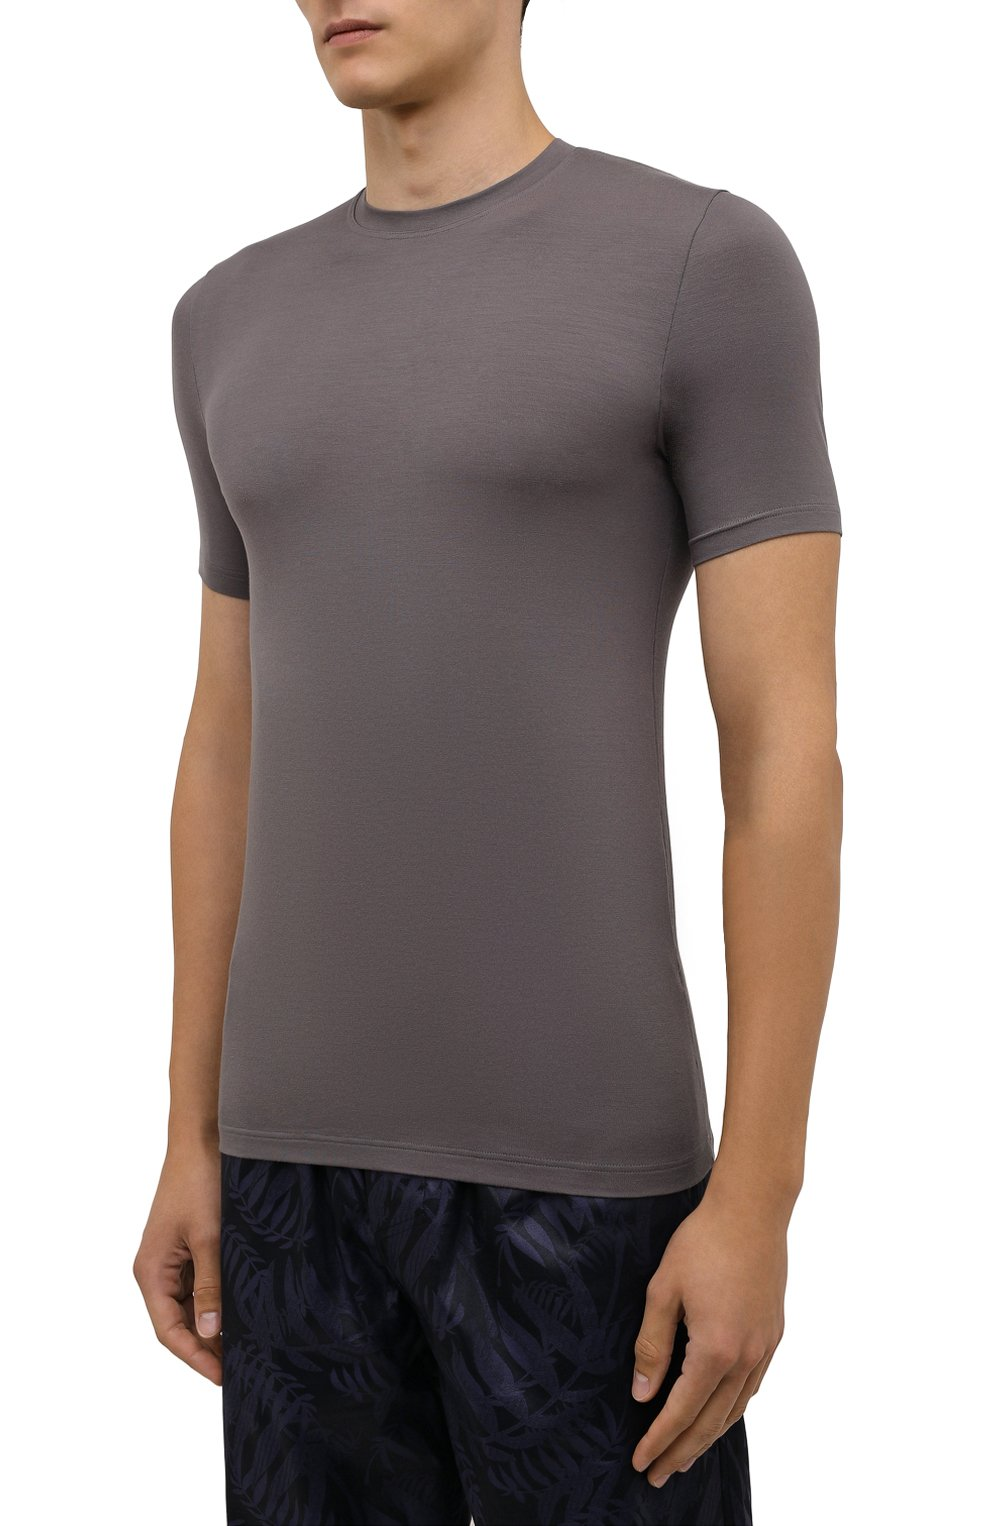 Мужская футболка ZIMMERLI светло-серого цвета, арт. 700-1341   Фото 3 (Кросс-КТ: домашняя одежда; Рукава: Короткие; Материал внешний: Синтетический материал; Длина (для топов): Стандартные)